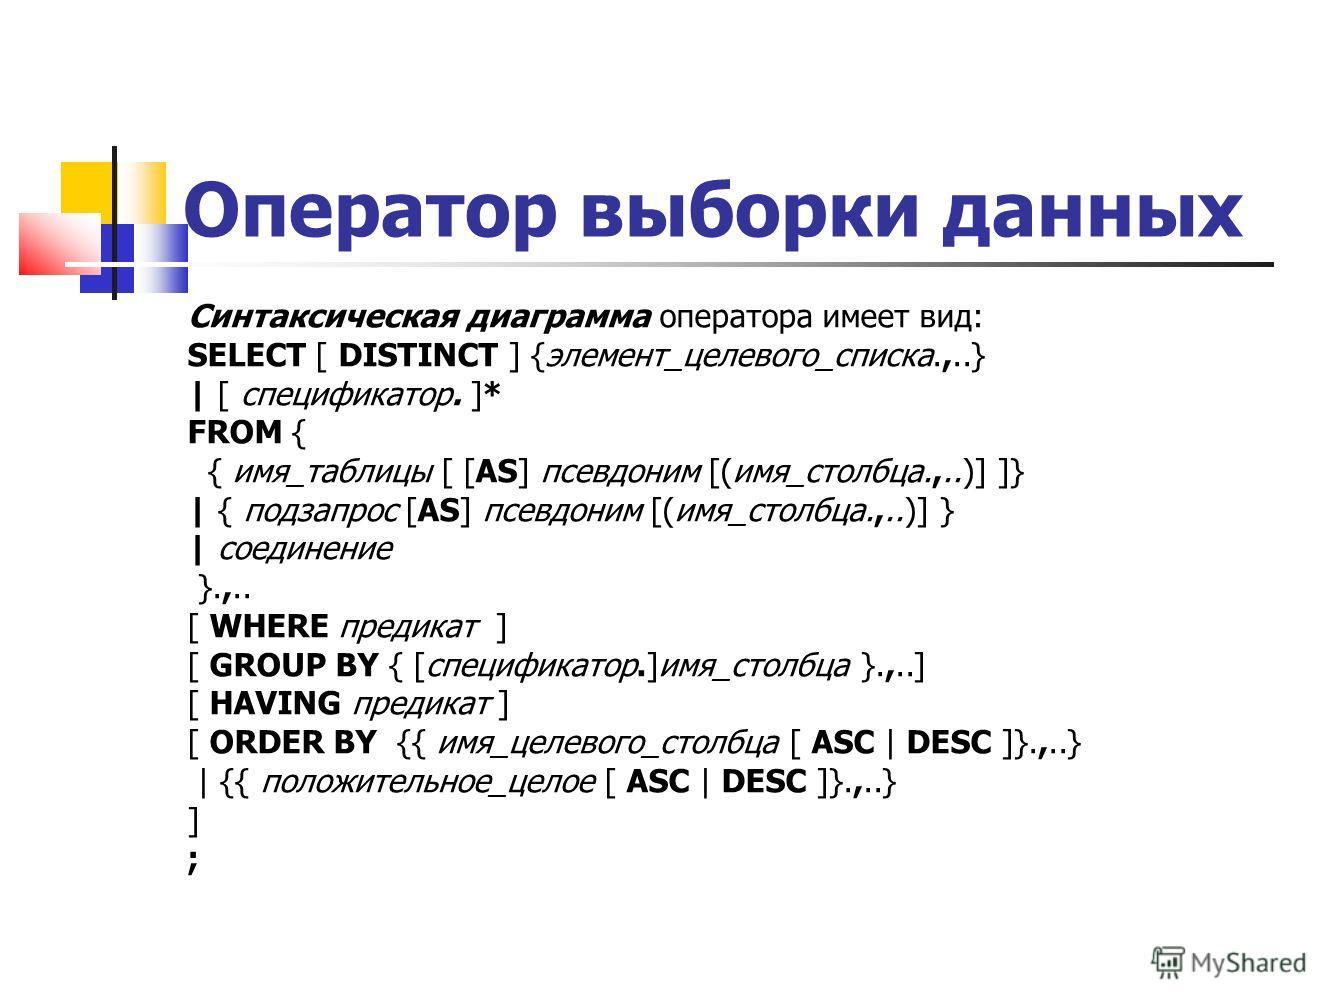 Оператор выборки данных Синтаксическая диаграмма оператора имеет вид: SELECT [ DISTINCT ] {элемент_целевого_списка.,..} | [ спецификатор. ]* FROM { { имя_таблицы [ [AS] псевдоним [(имя_столбца.,..)] ]} | { подзапрос [AS] псевдоним [(имя_столбца.,..)]